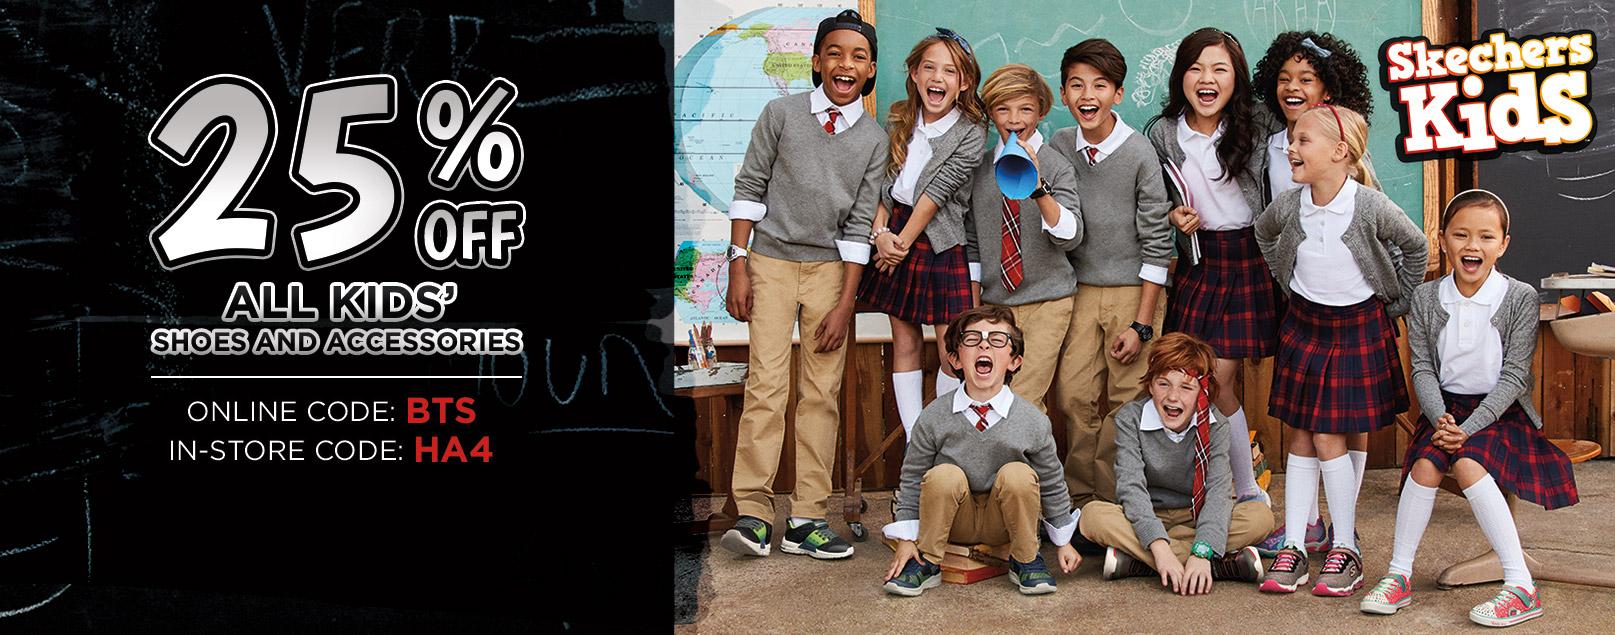 Skechers Kids Back to School - Rule the School